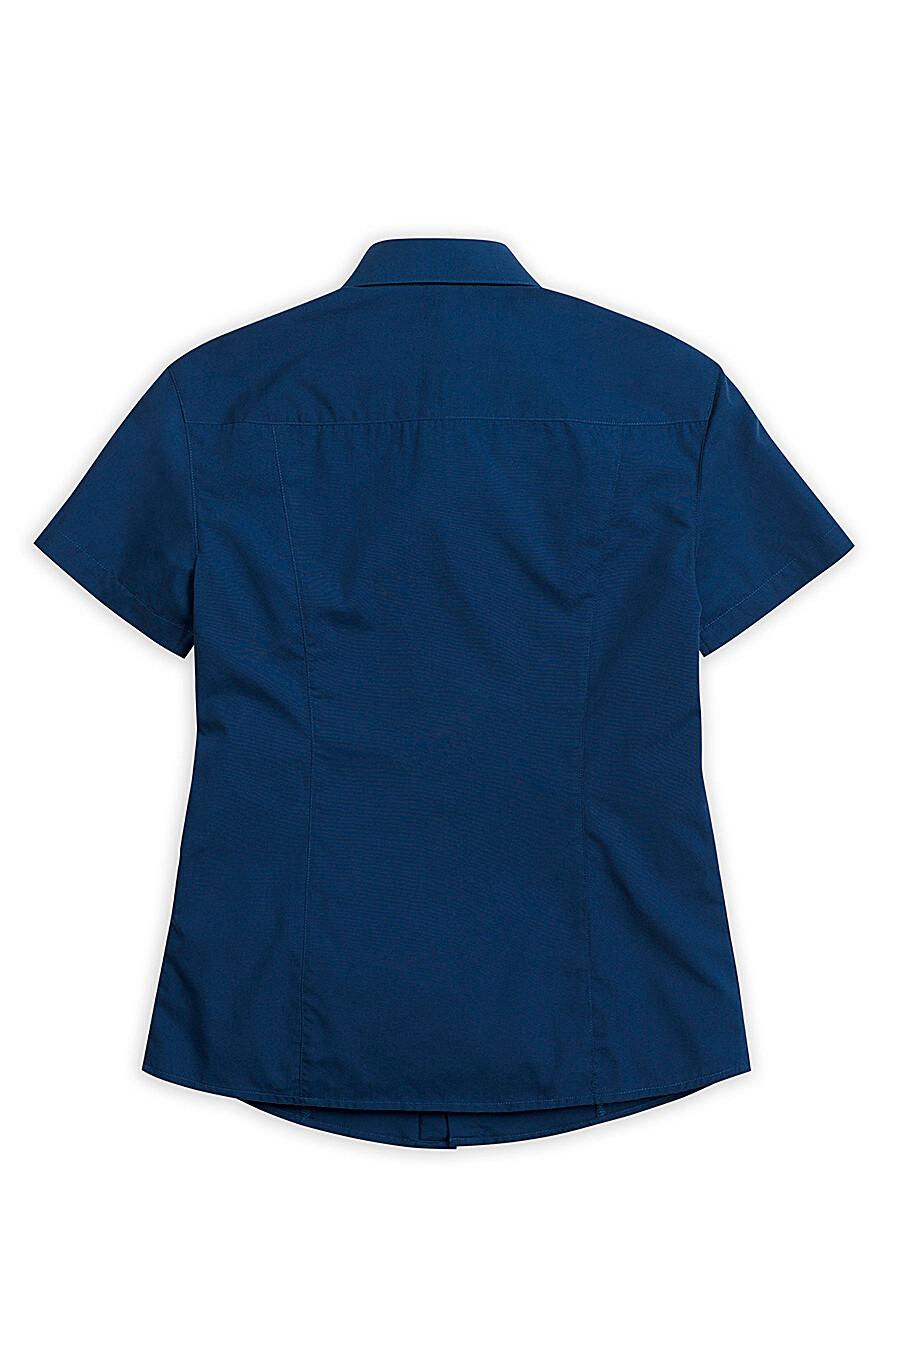 Сорочка для мальчиков PELICAN 218530 купить оптом от производителя. Совместная покупка детской одежды в OptMoyo